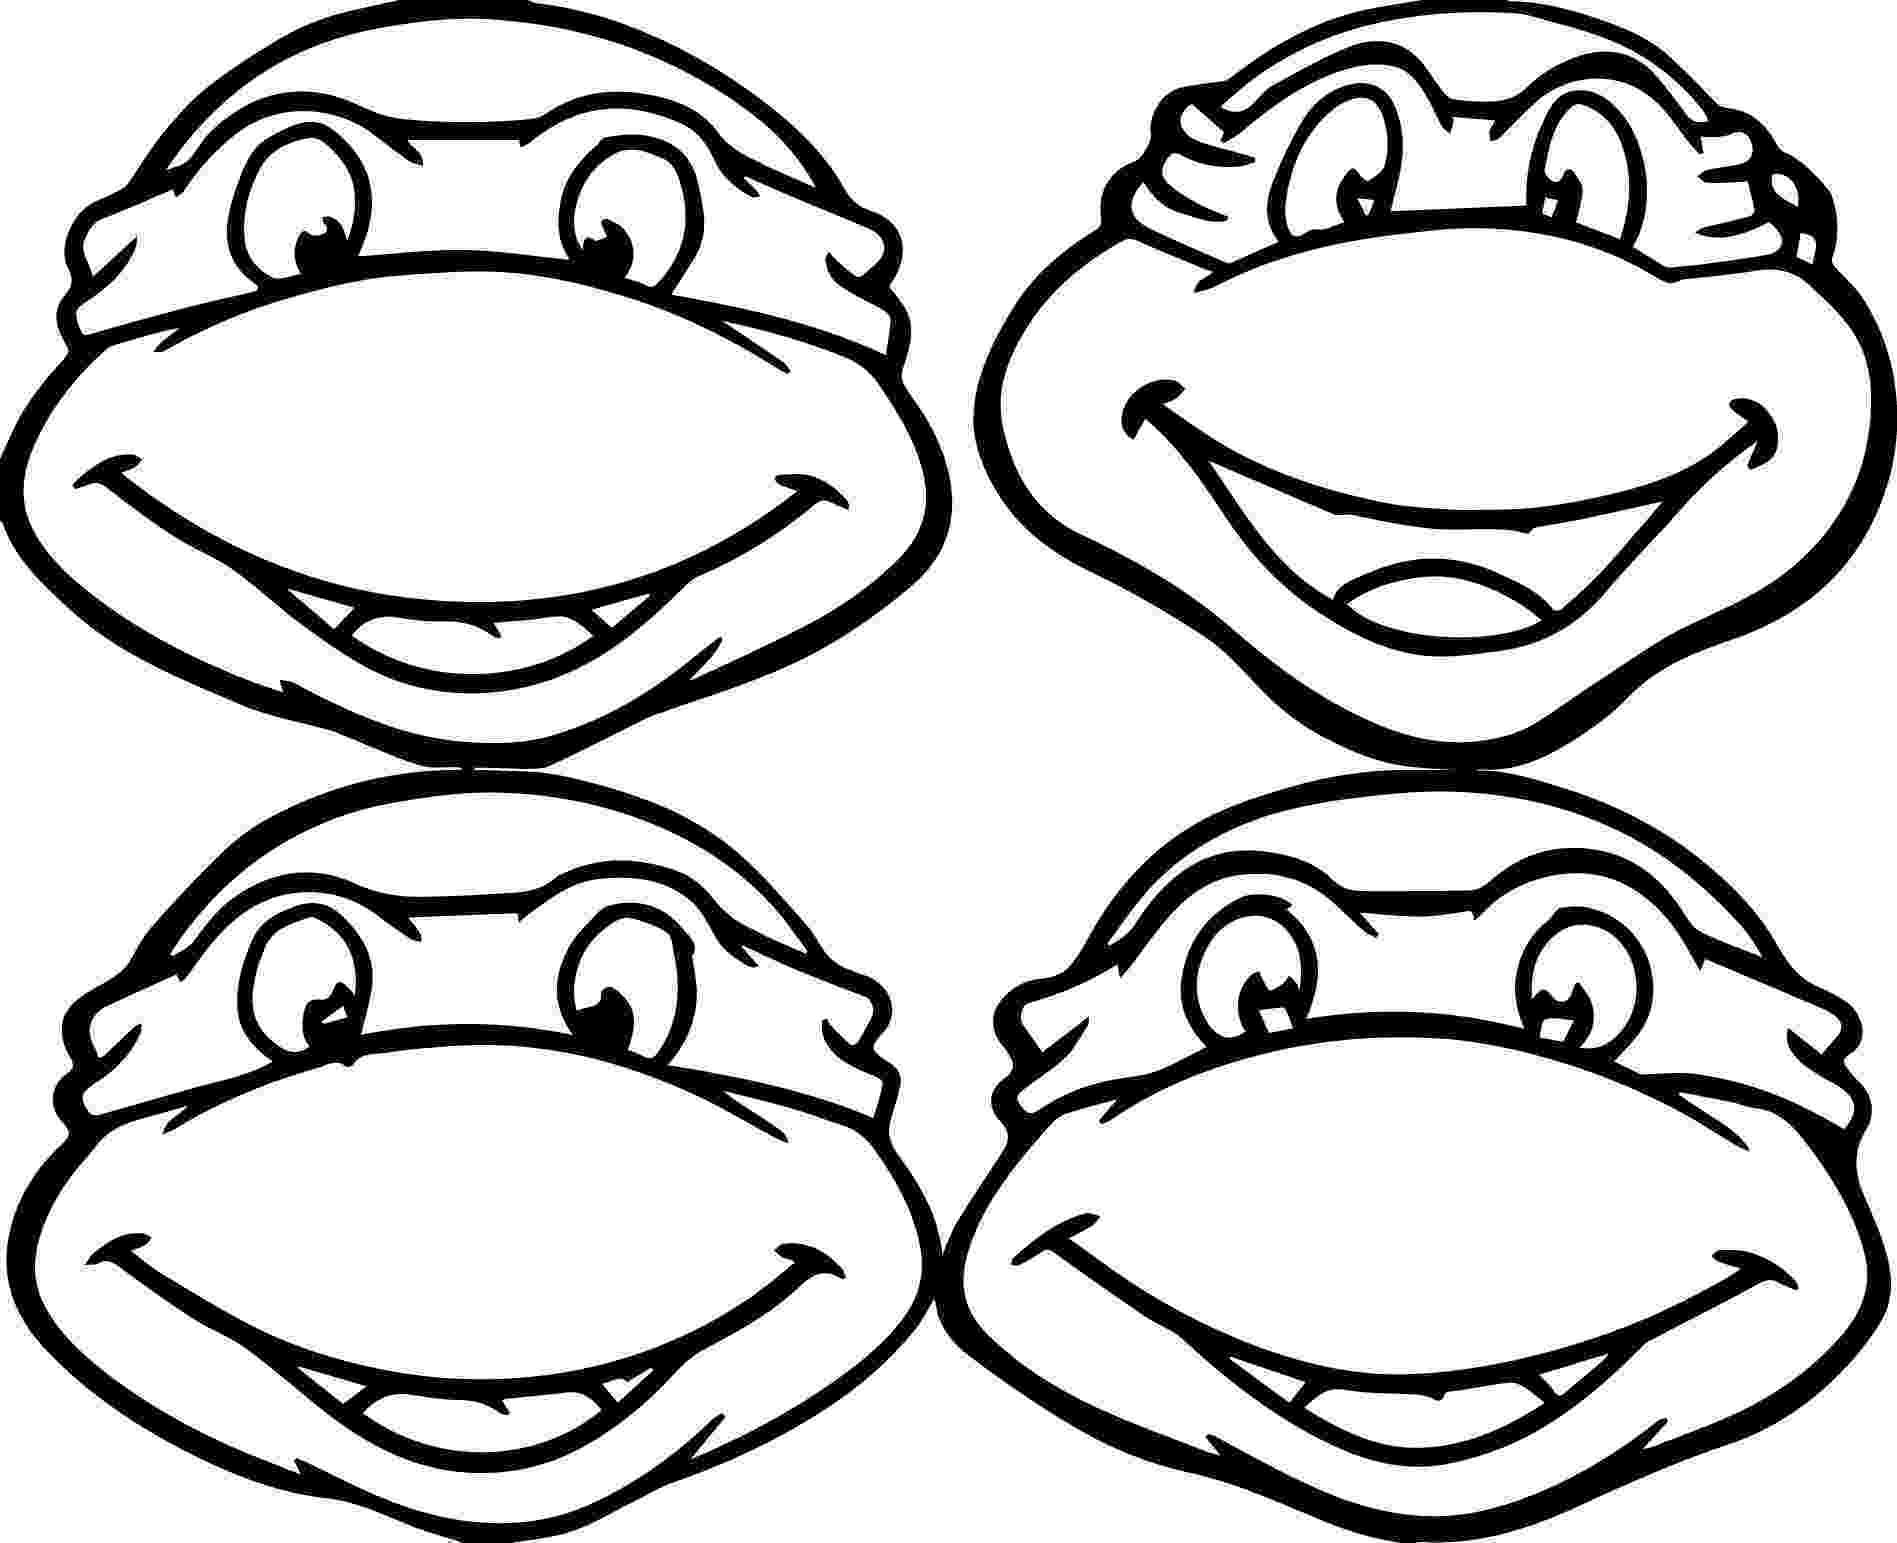 ninja turtle coloring pages ninja turtles art coloring page ninja turtle coloring ninja coloring turtle pages